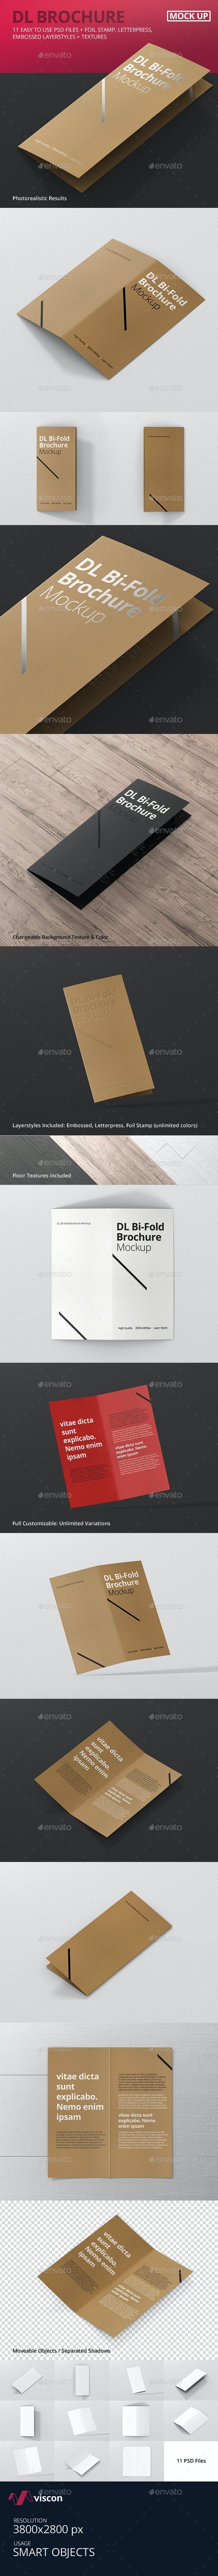 DL Bi-Fold Brochure Mock-Up - Brochures Print